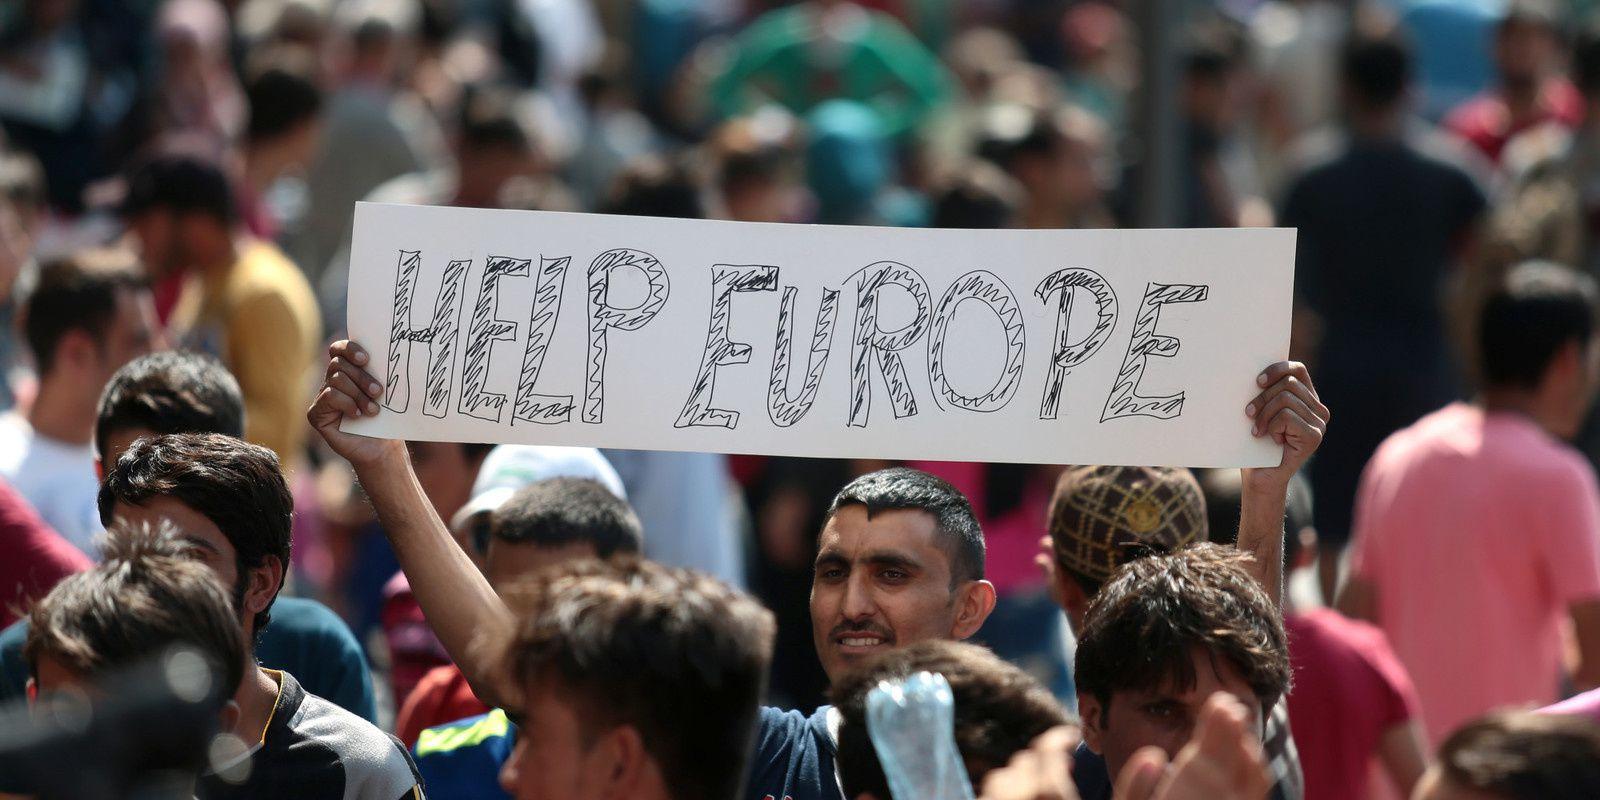 La crise des réfugiés en Europe est sur le point de passer de &quot&#x3B;terrible&quot&#x3B; à &quot&#x3B;sans précédent&quot&#x3B;